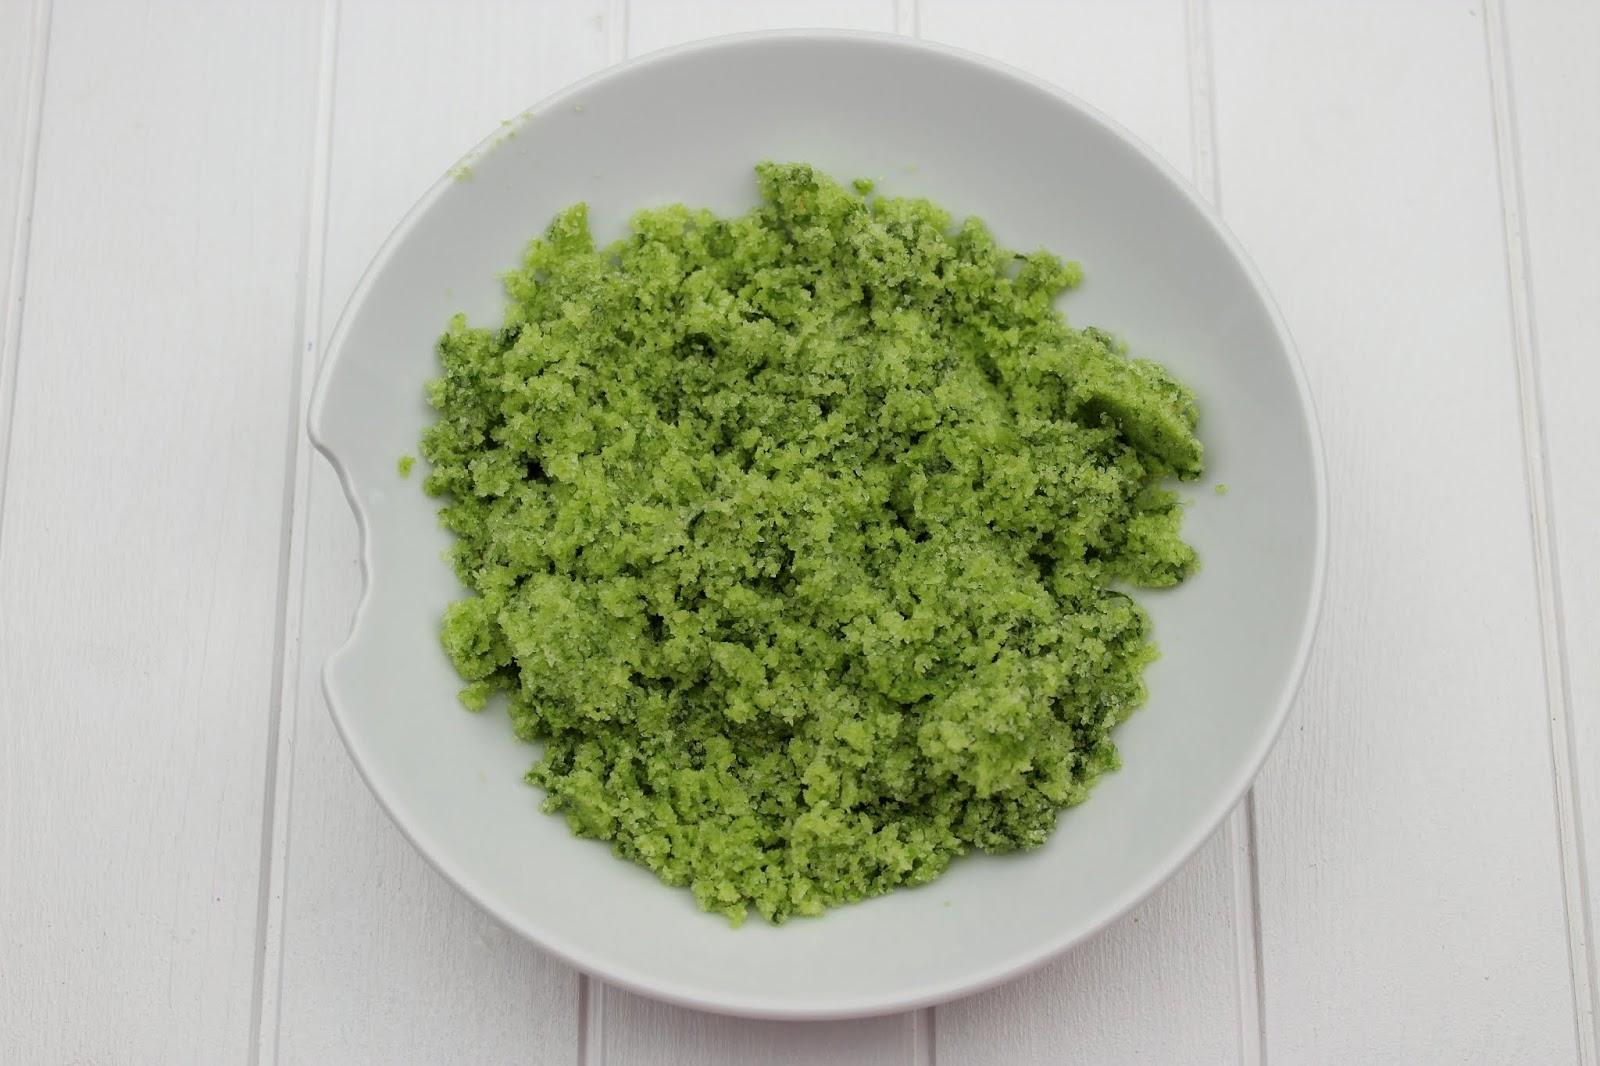 Rezept: Bärlauch Salz ganz einfach selber machen - super Geschenkidee aus der Küche